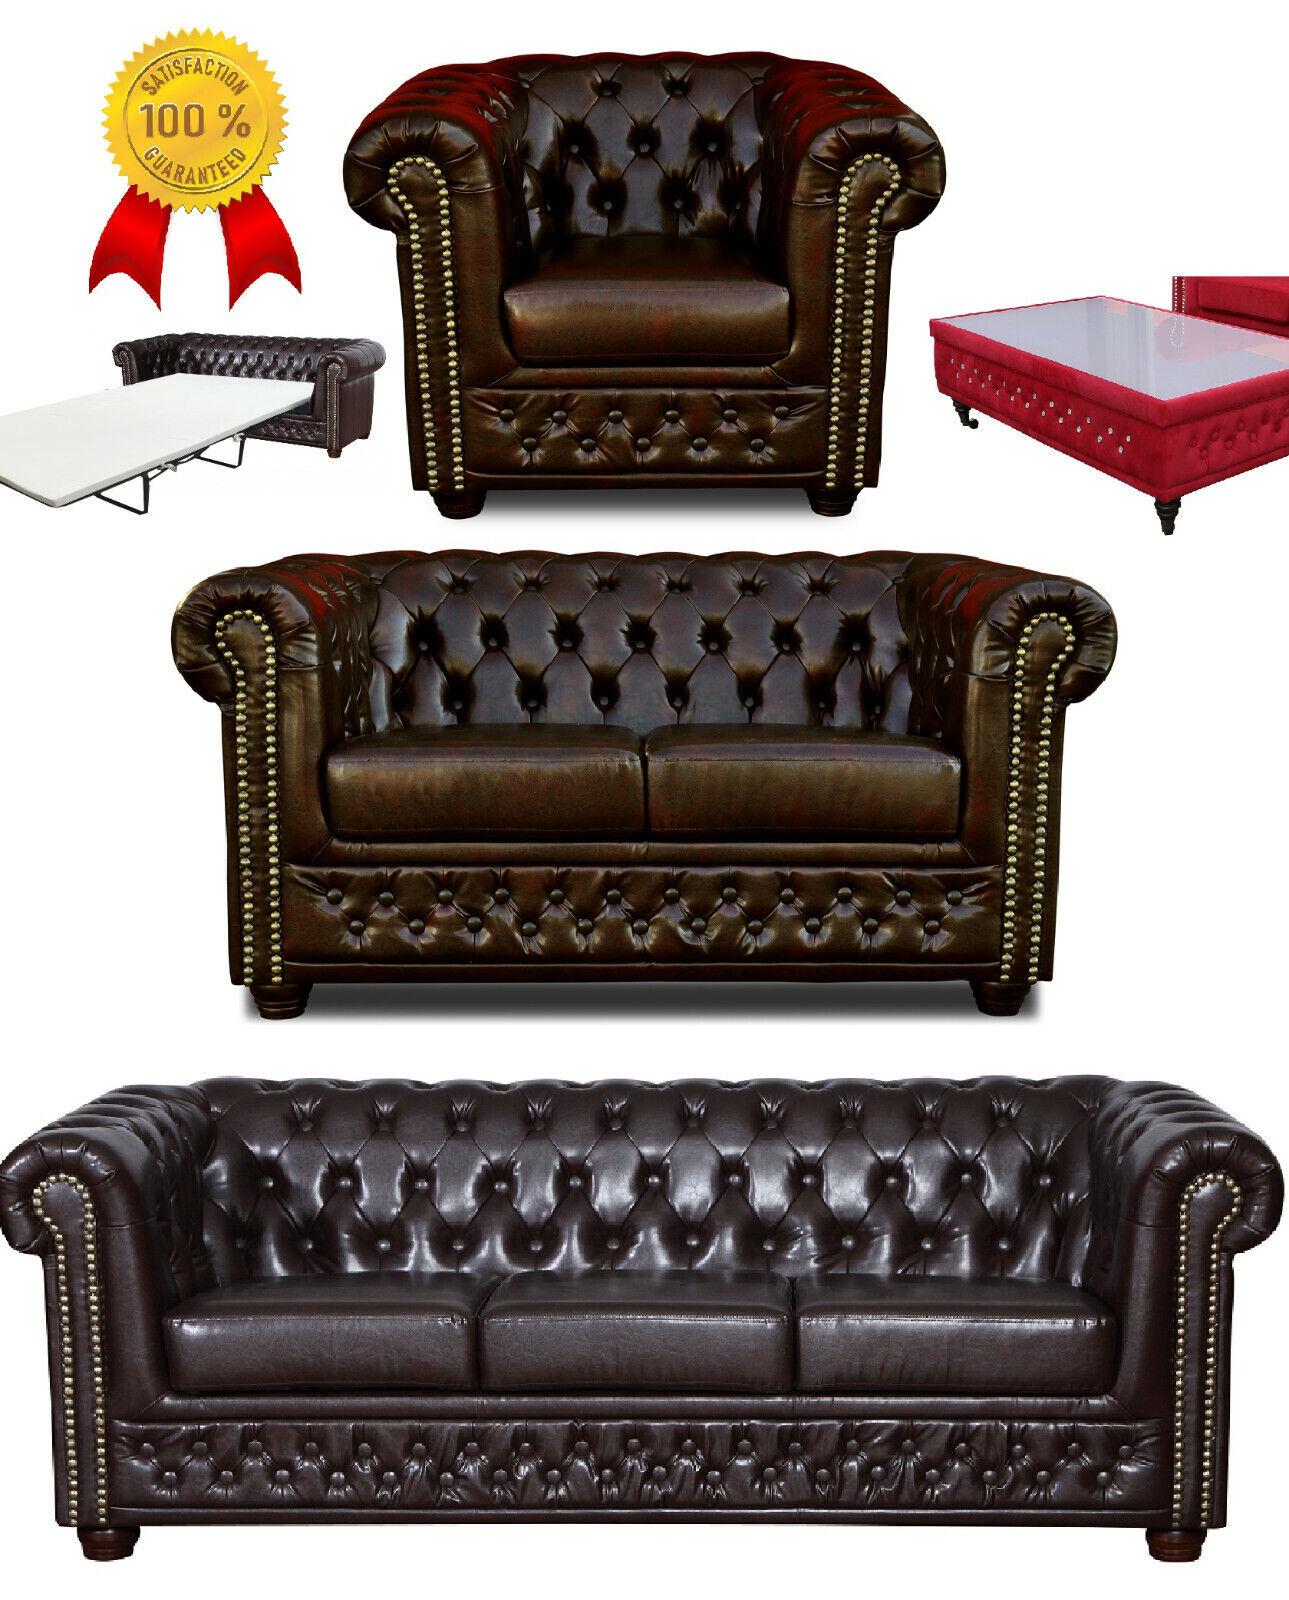 % Chesterfield Sofa 3 + 2 Sitzer + Sessel Hocker Tisch Bettsofa Braun Kunstleder